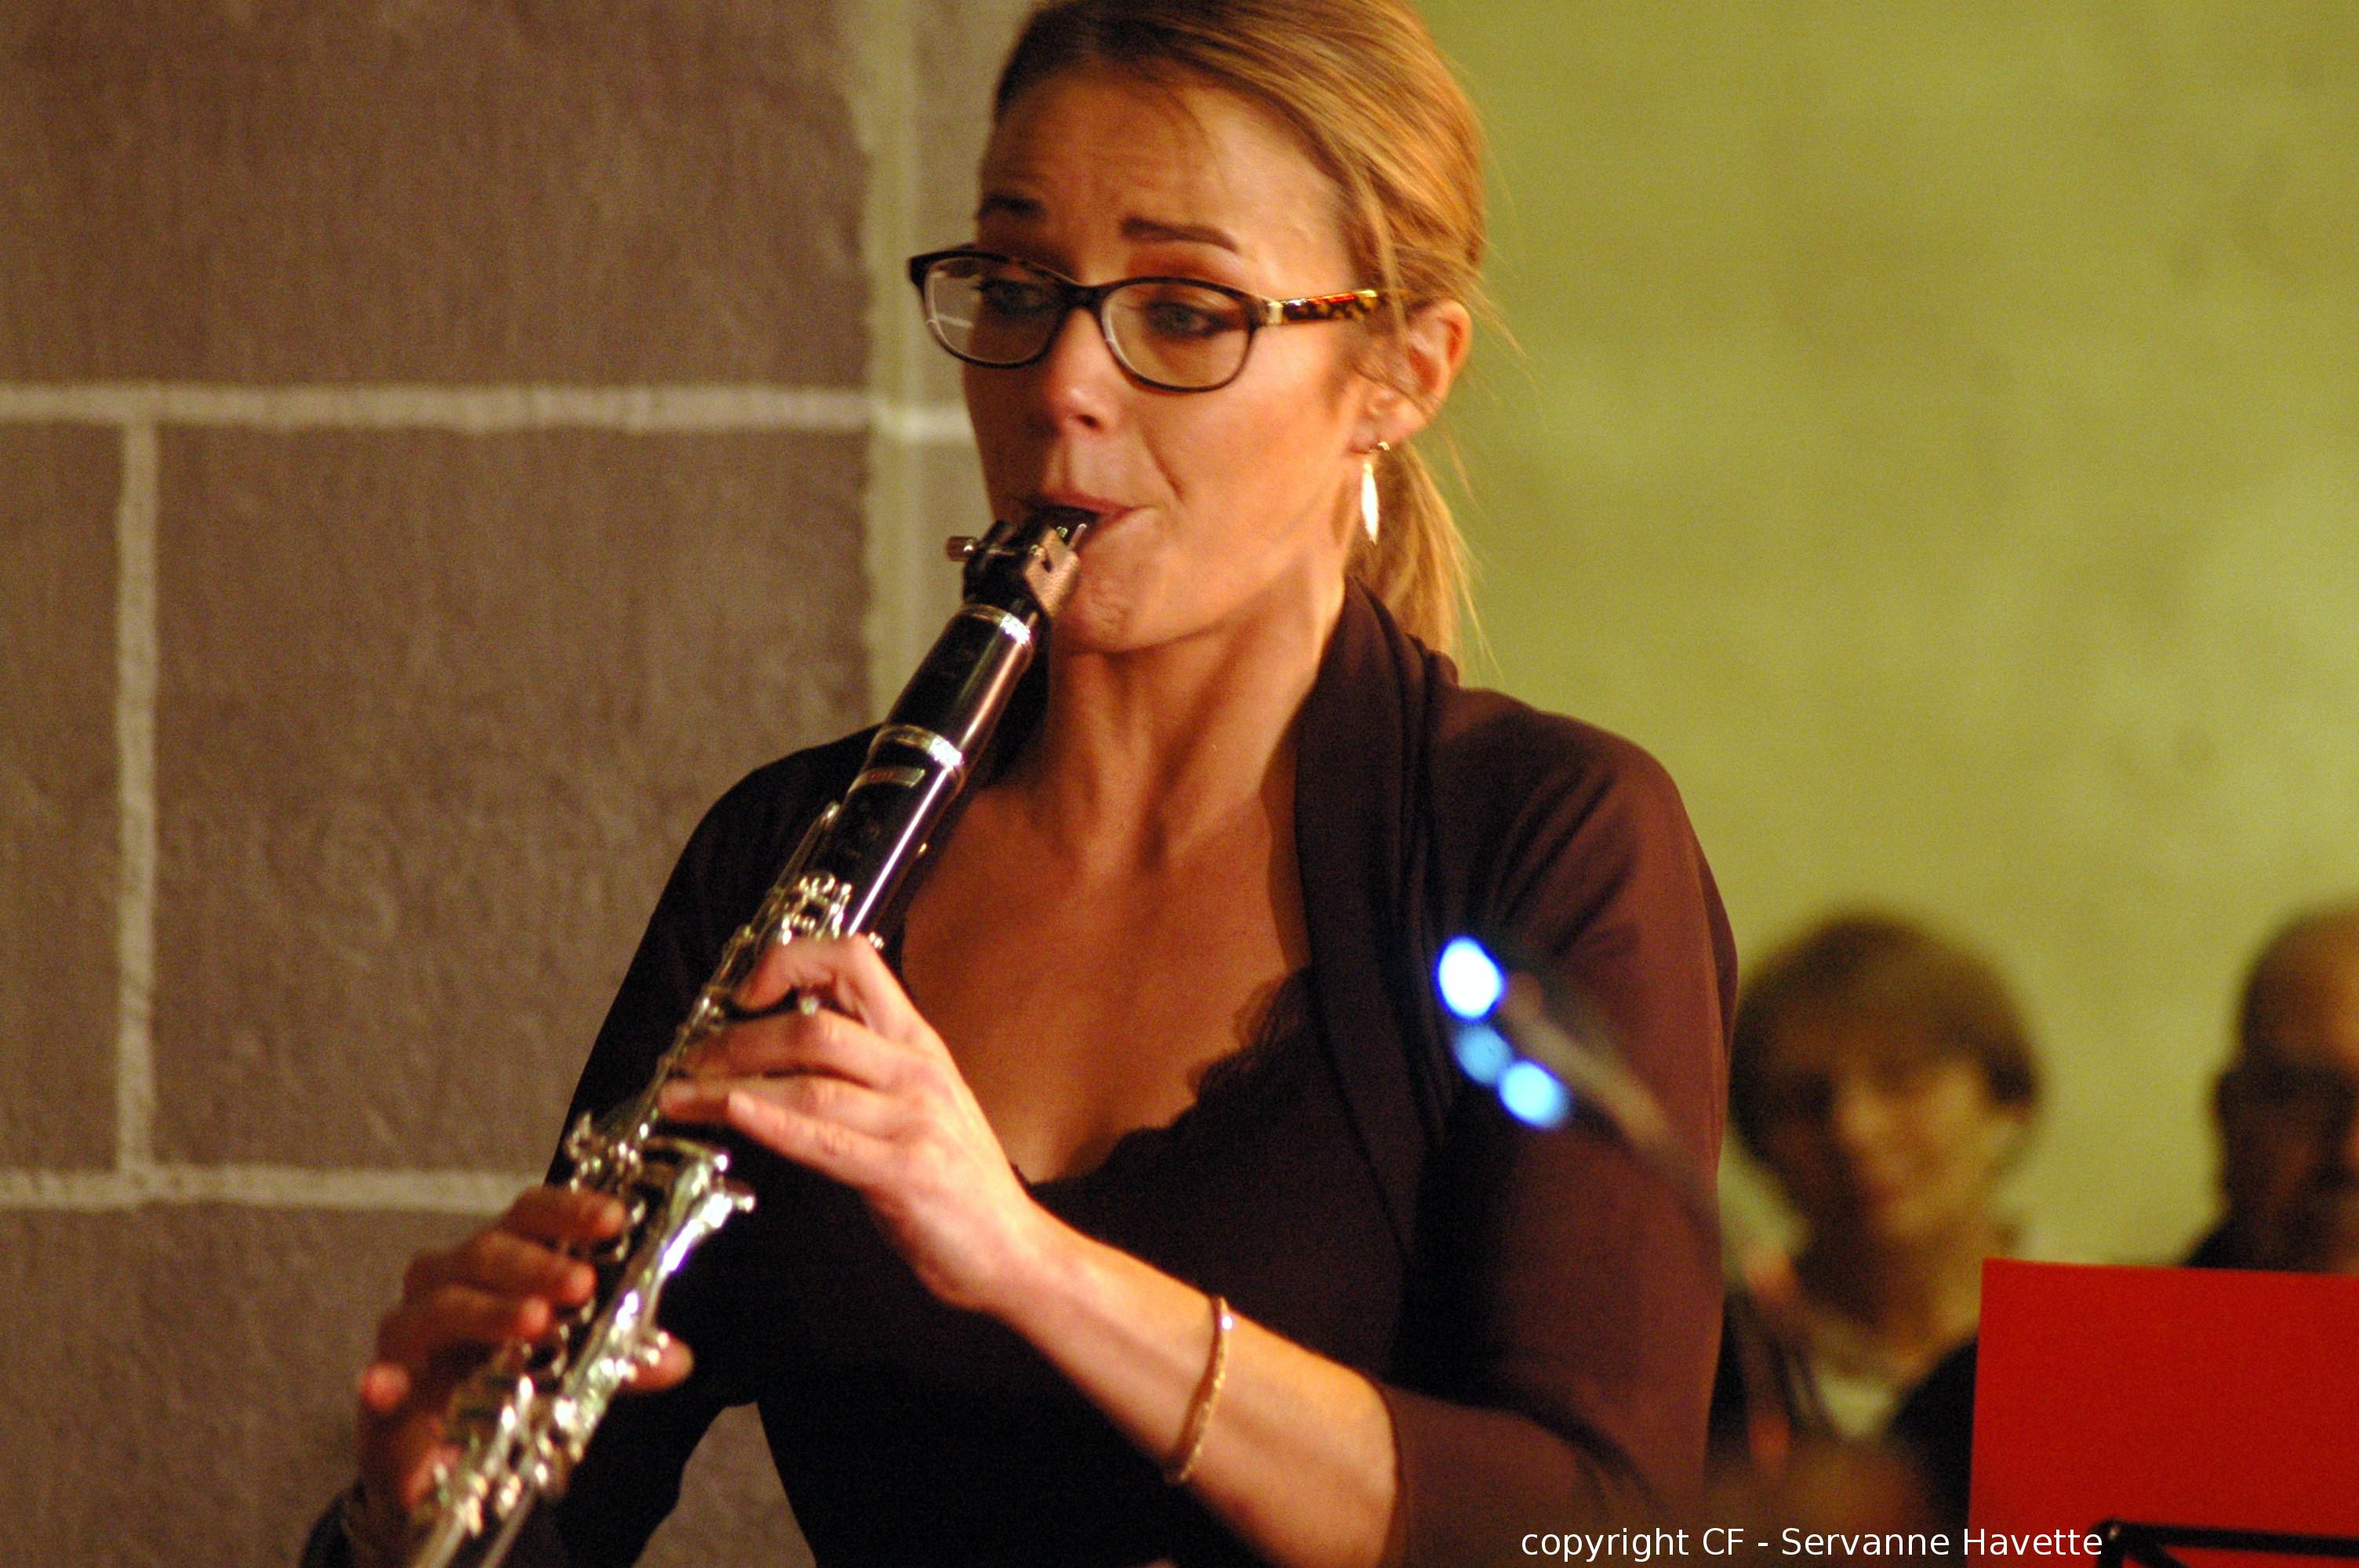 Emilie GIOUX solo dans le concertino de Weber - 29 nov 2015 Eglise de Chamalières